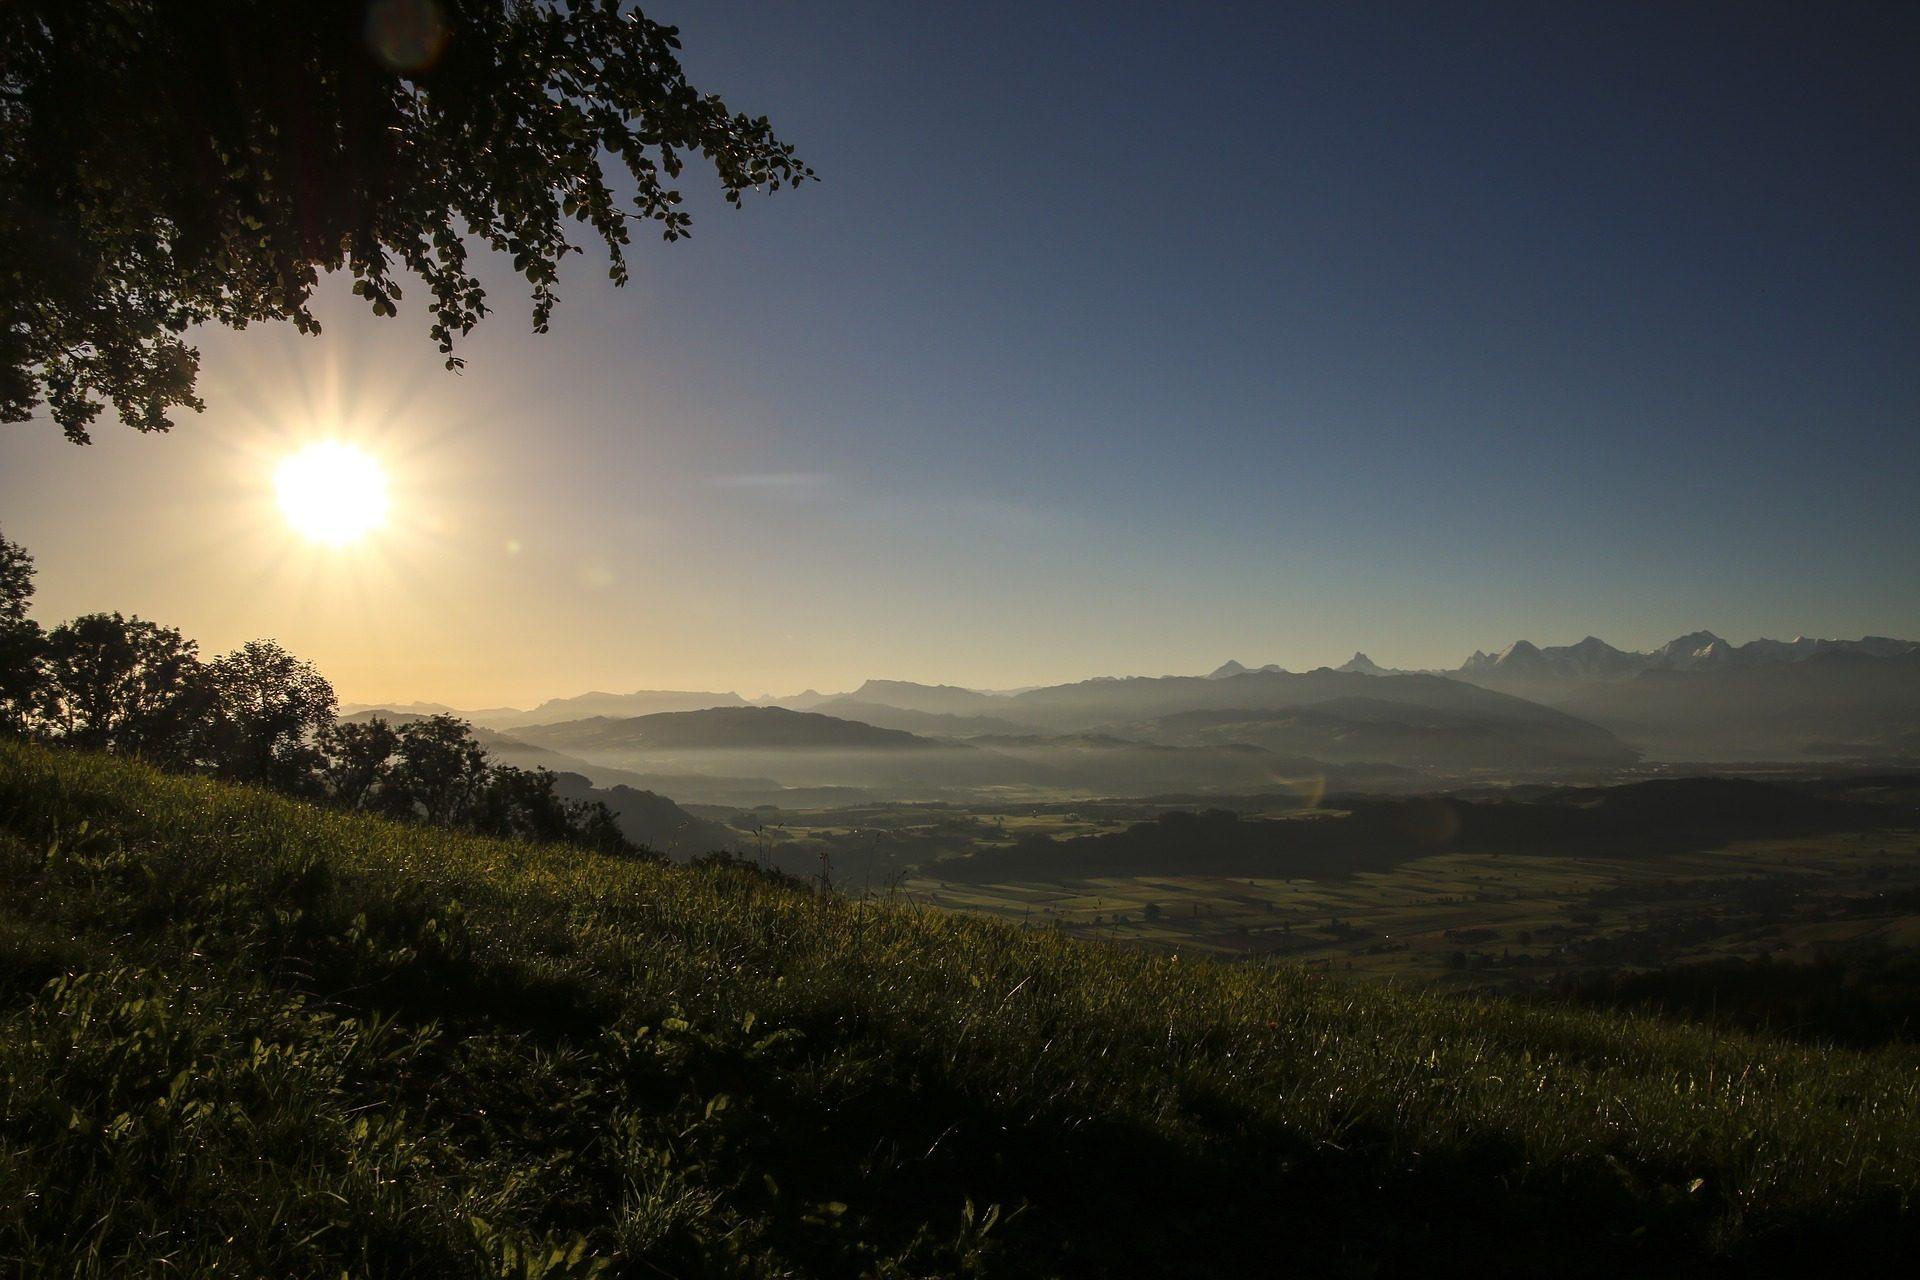 campo, Modos de exibição, distância, horizonte, nevoeiro, amanhecer, Sol, Céu - Papéis de parede HD - Professor-falken.com